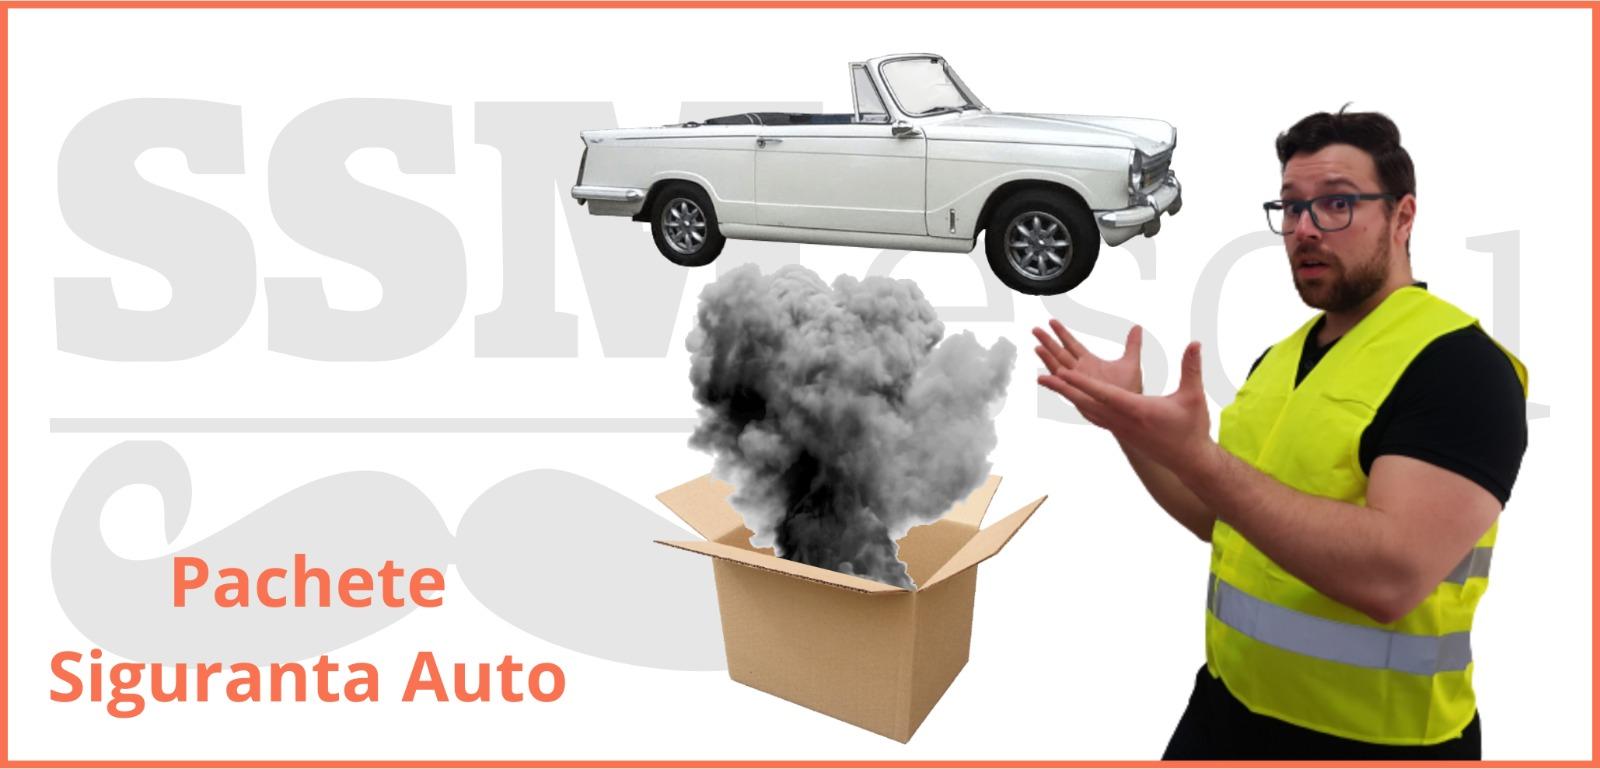 Pachete siguranta auto